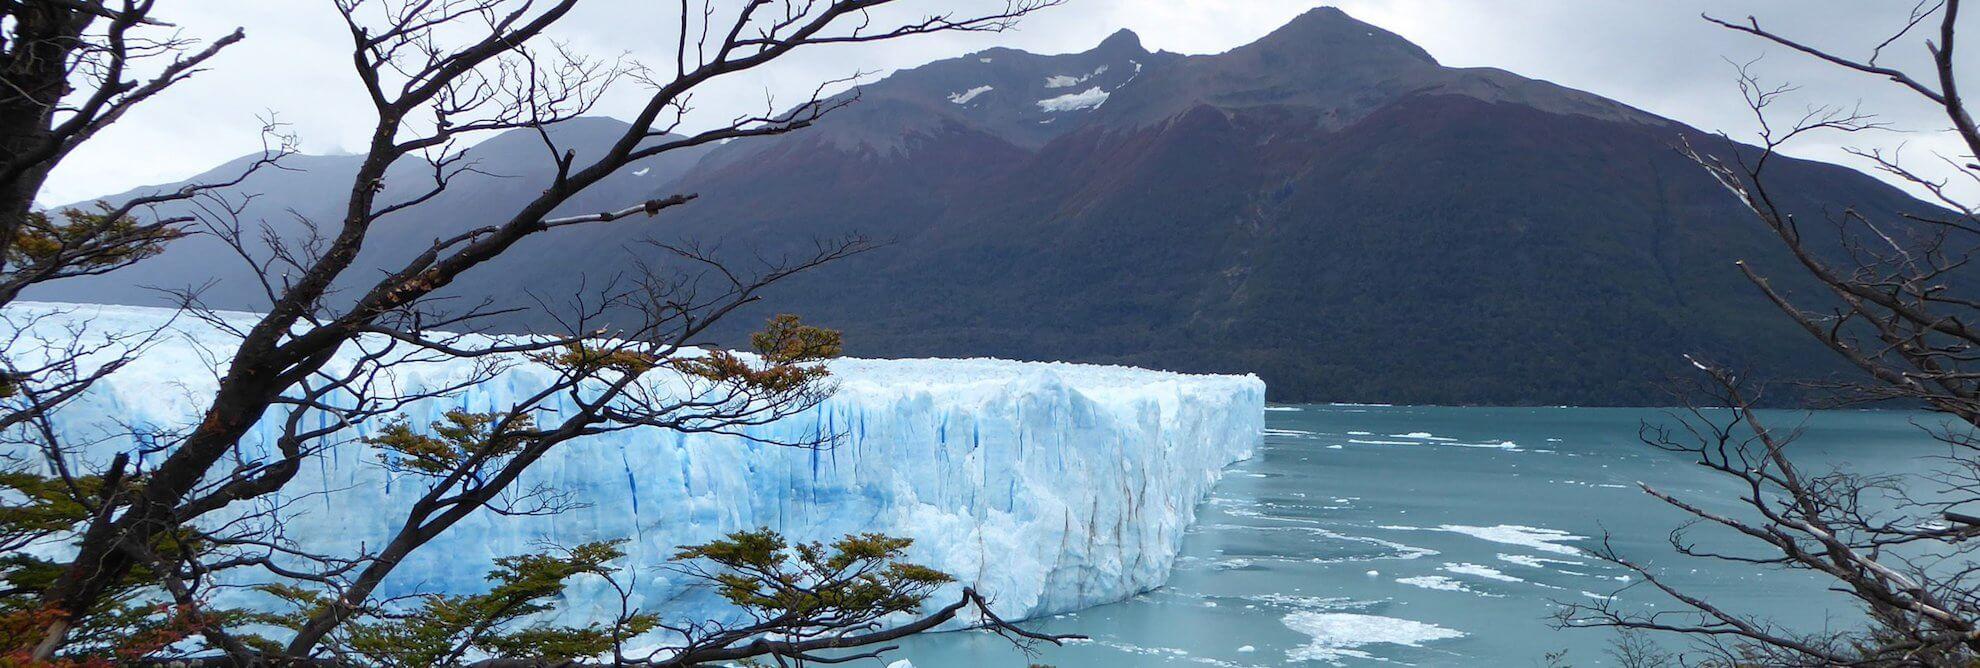 Perito Moreno Gletscher, Patagonien Reise